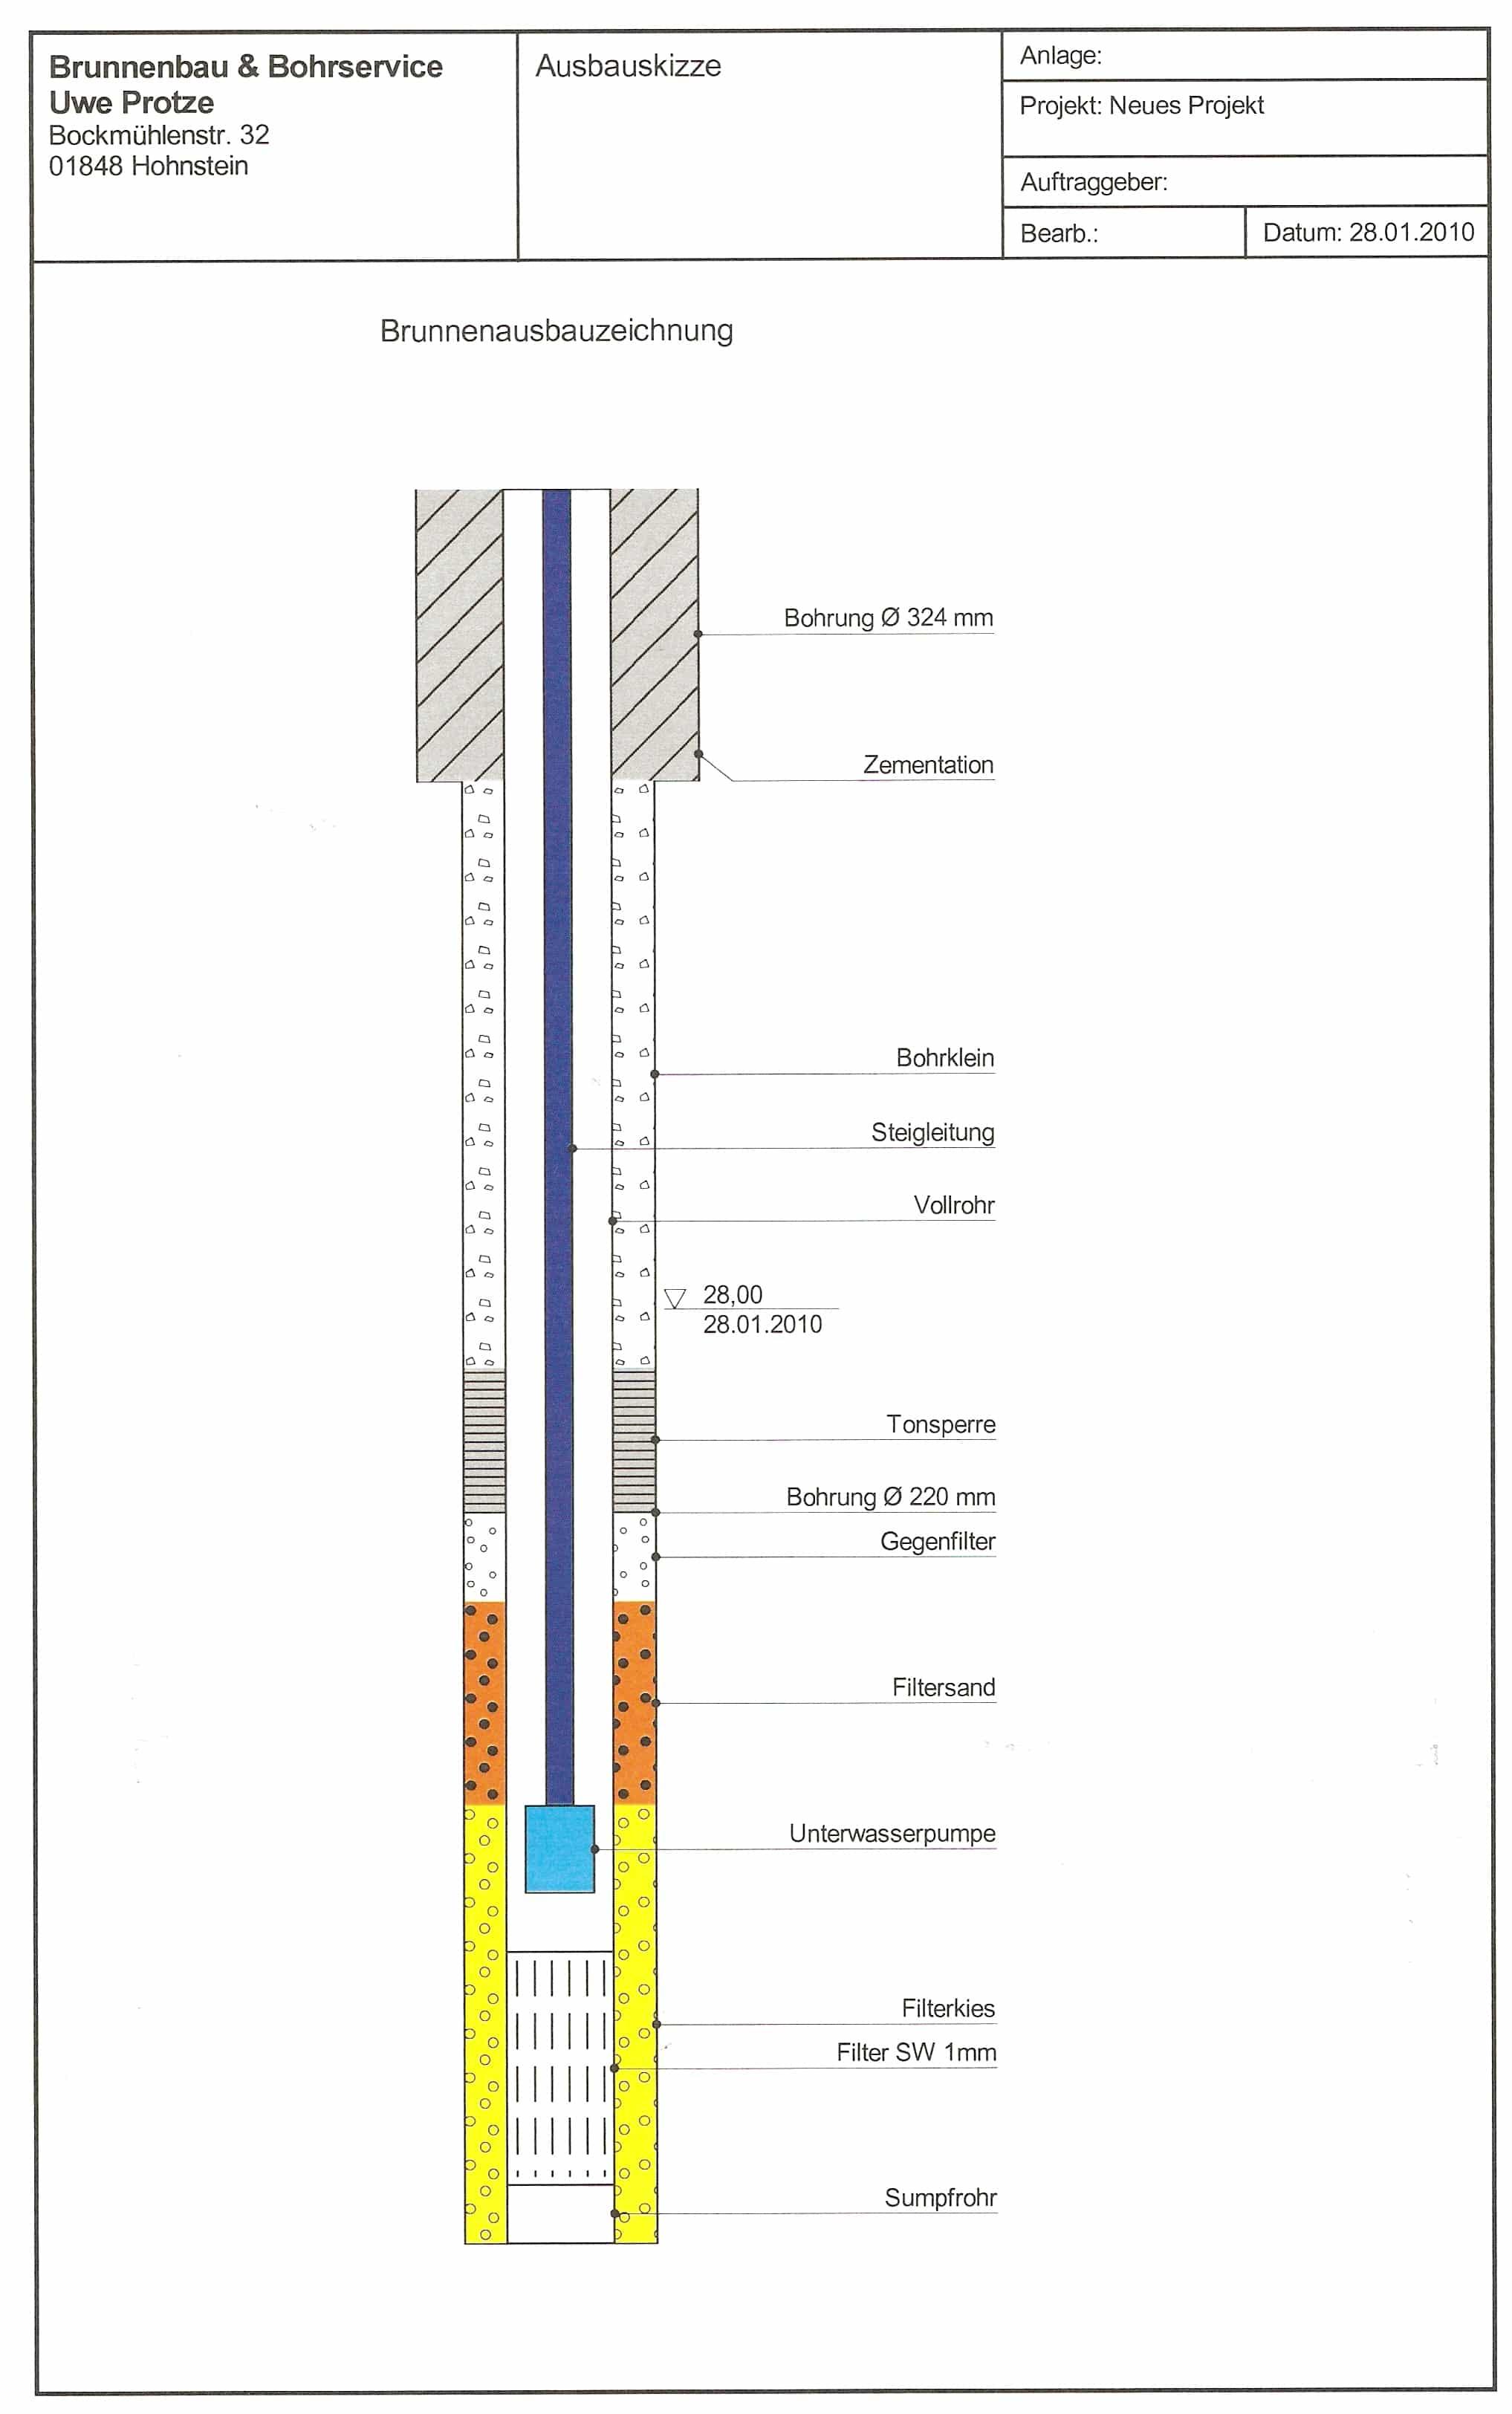 Brunnenausbauzeichnung